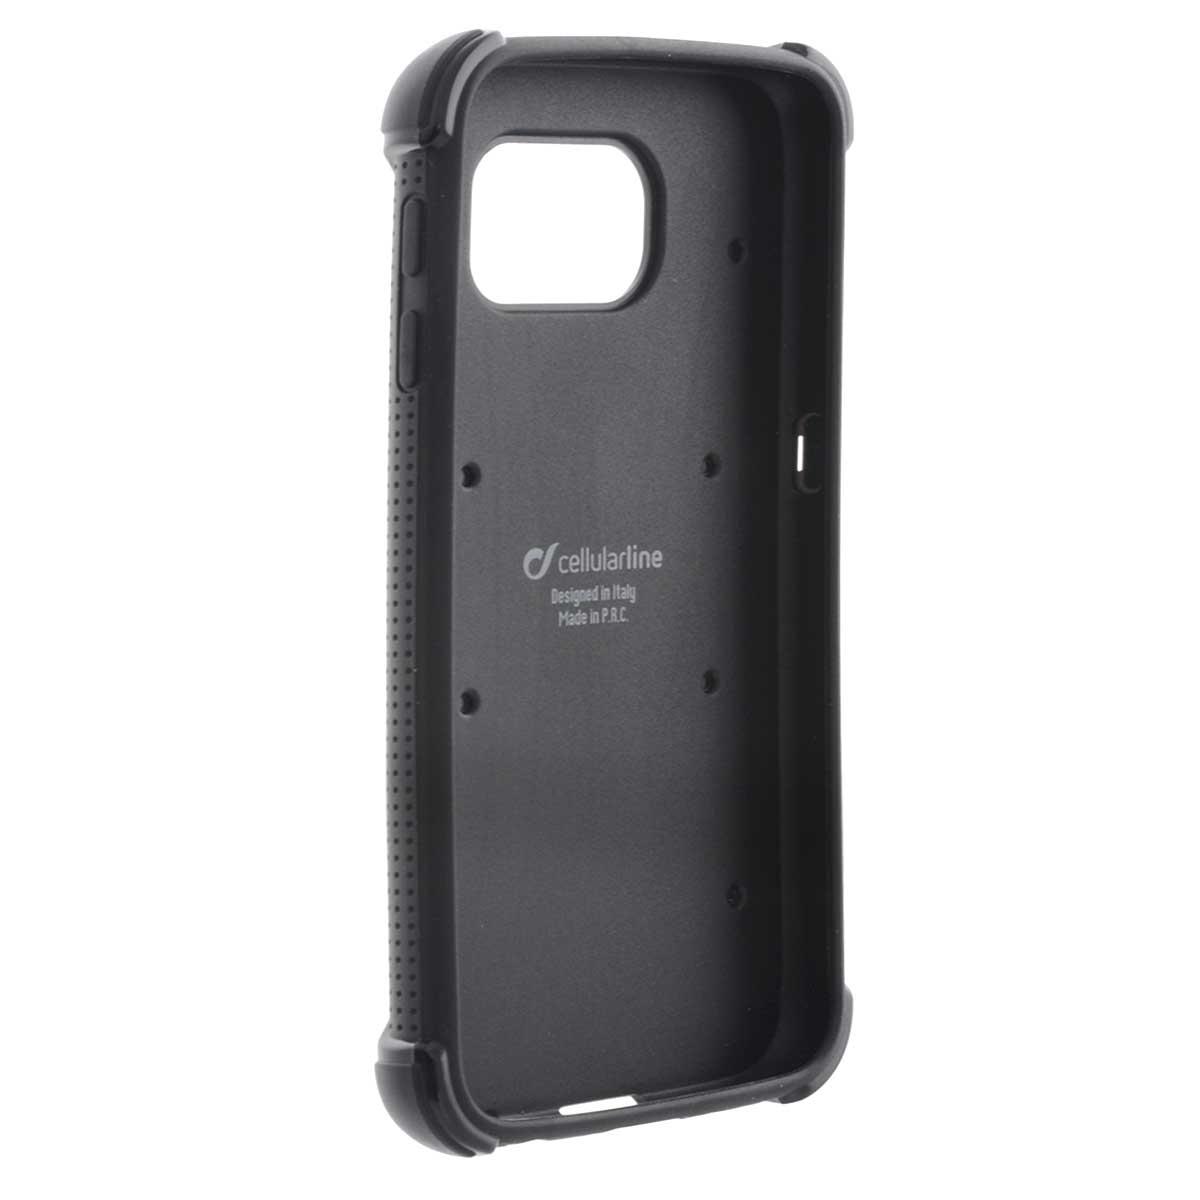 Cellular Line Hammer чехол для Samsung Galaxy S6, Black + защитная пленка